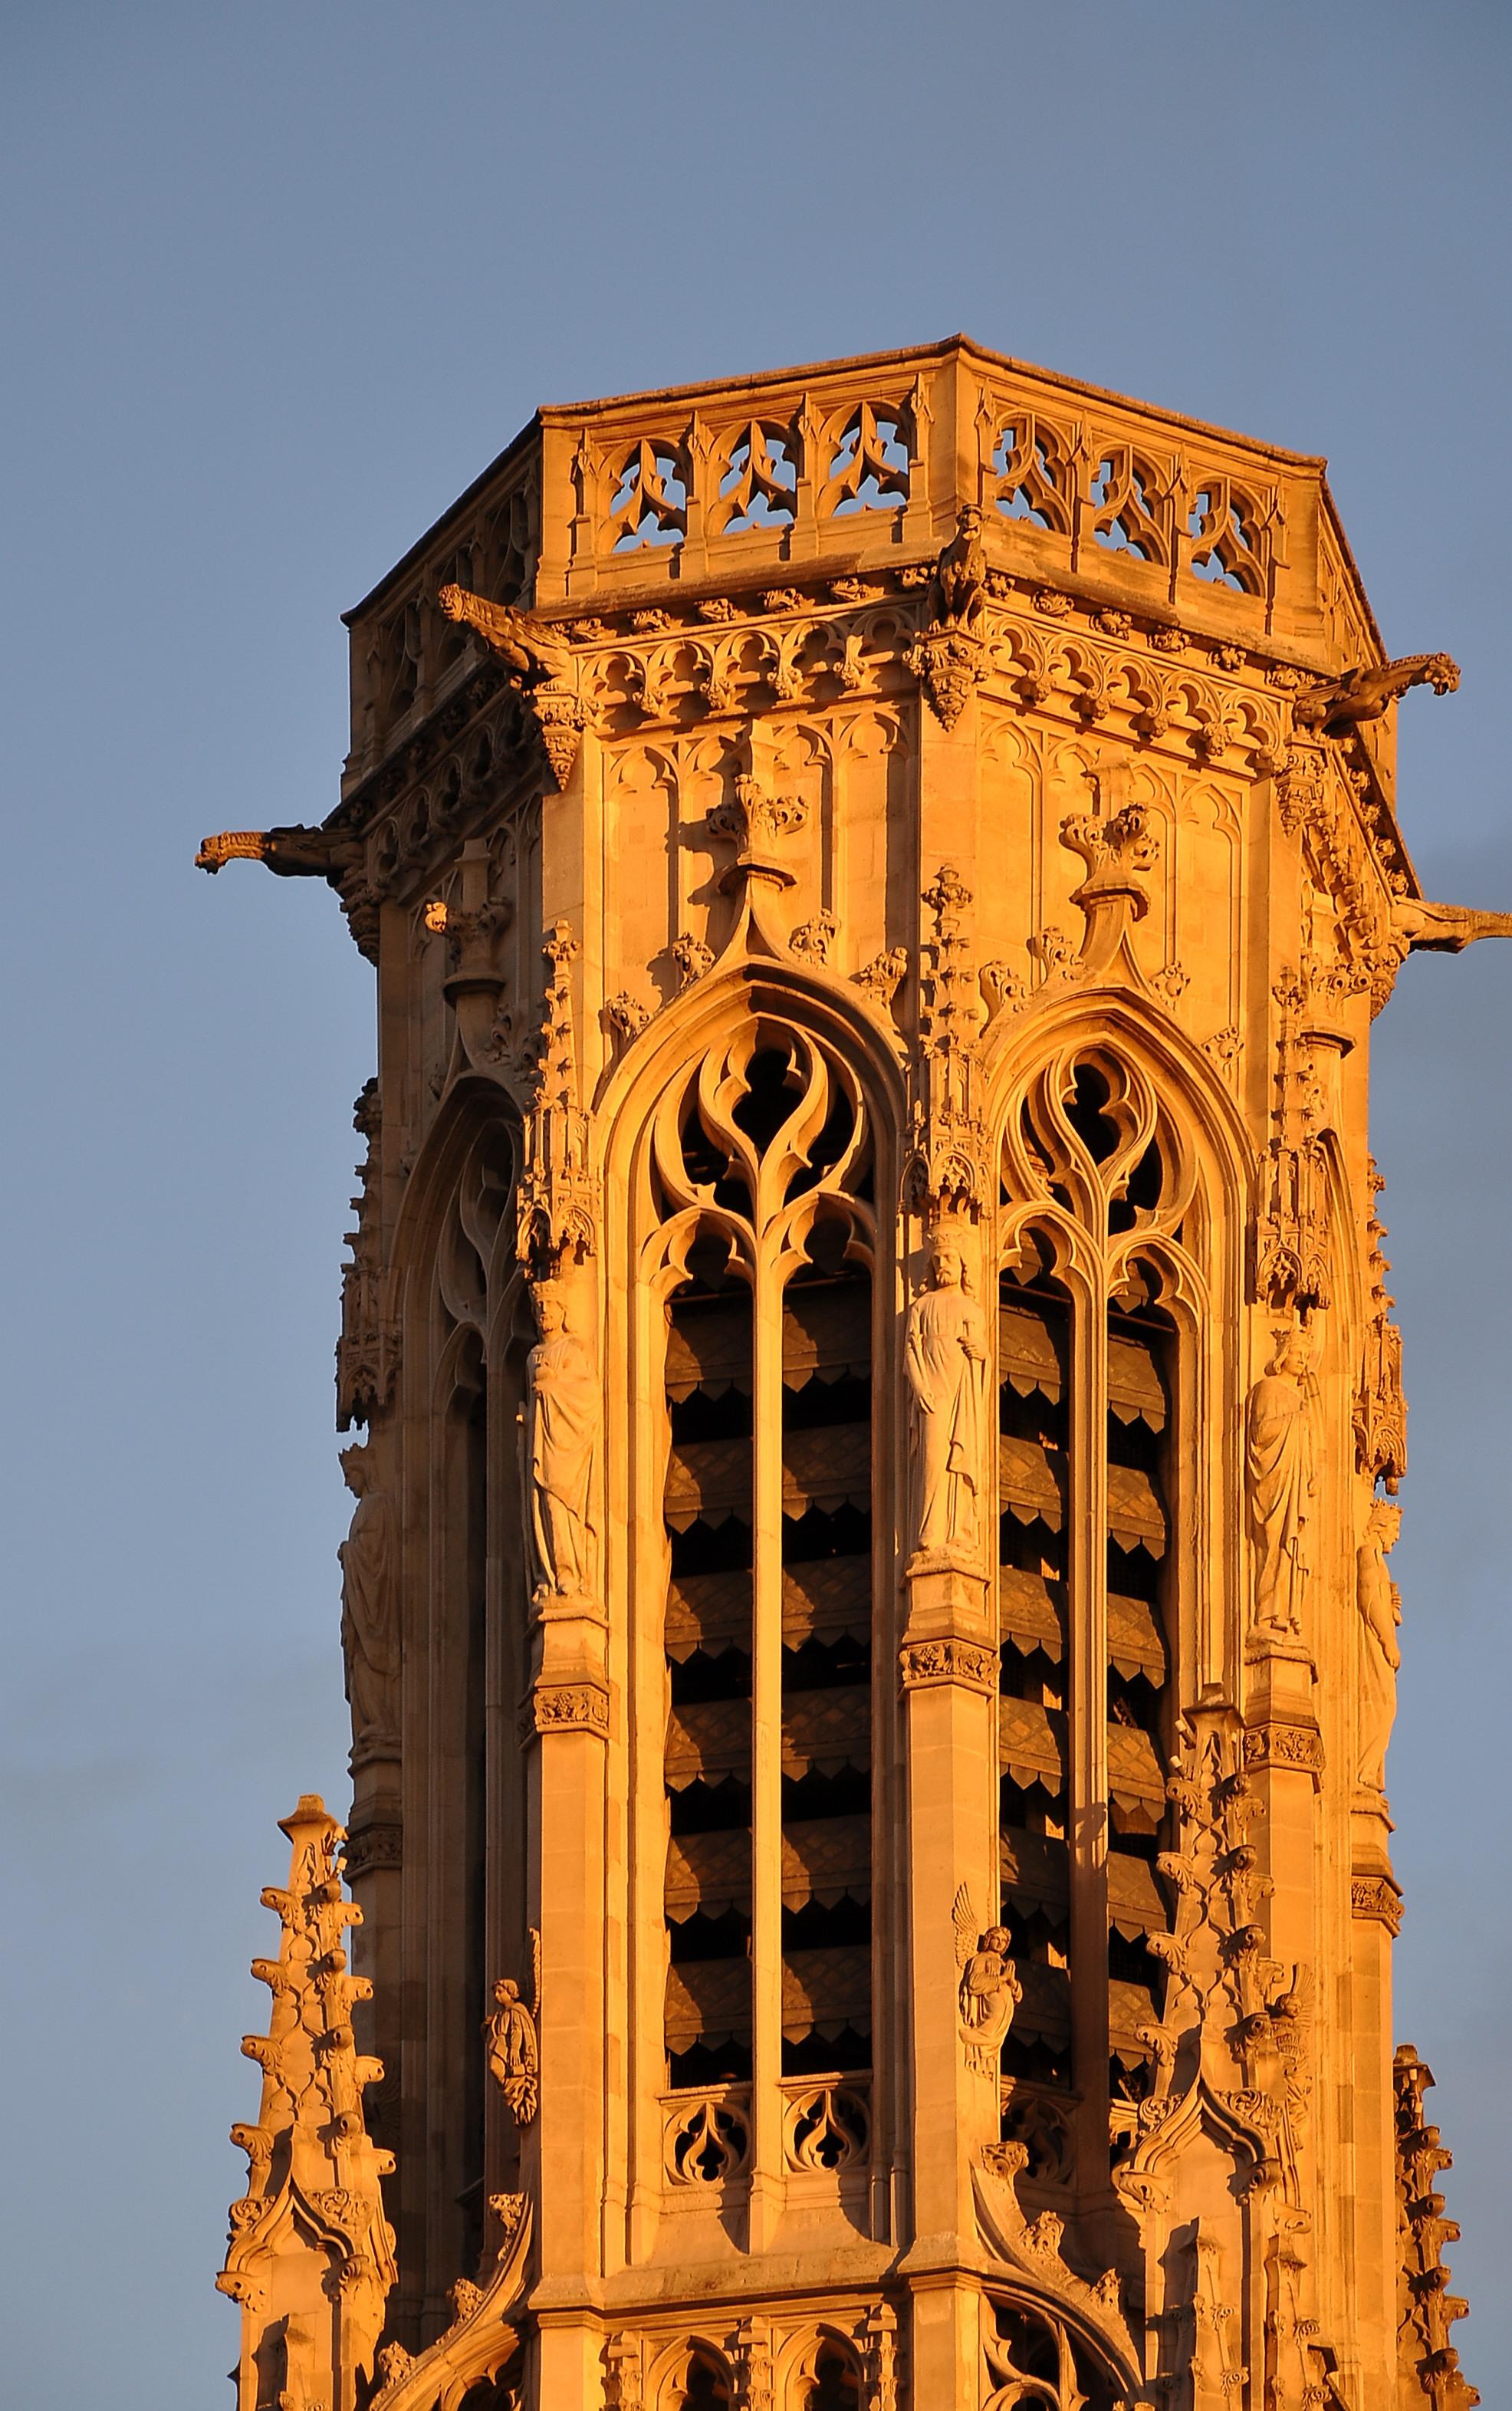 Narbonne Version 3 1: File:Clocher De L'Église Saint-Germain-l'Auxerrois De